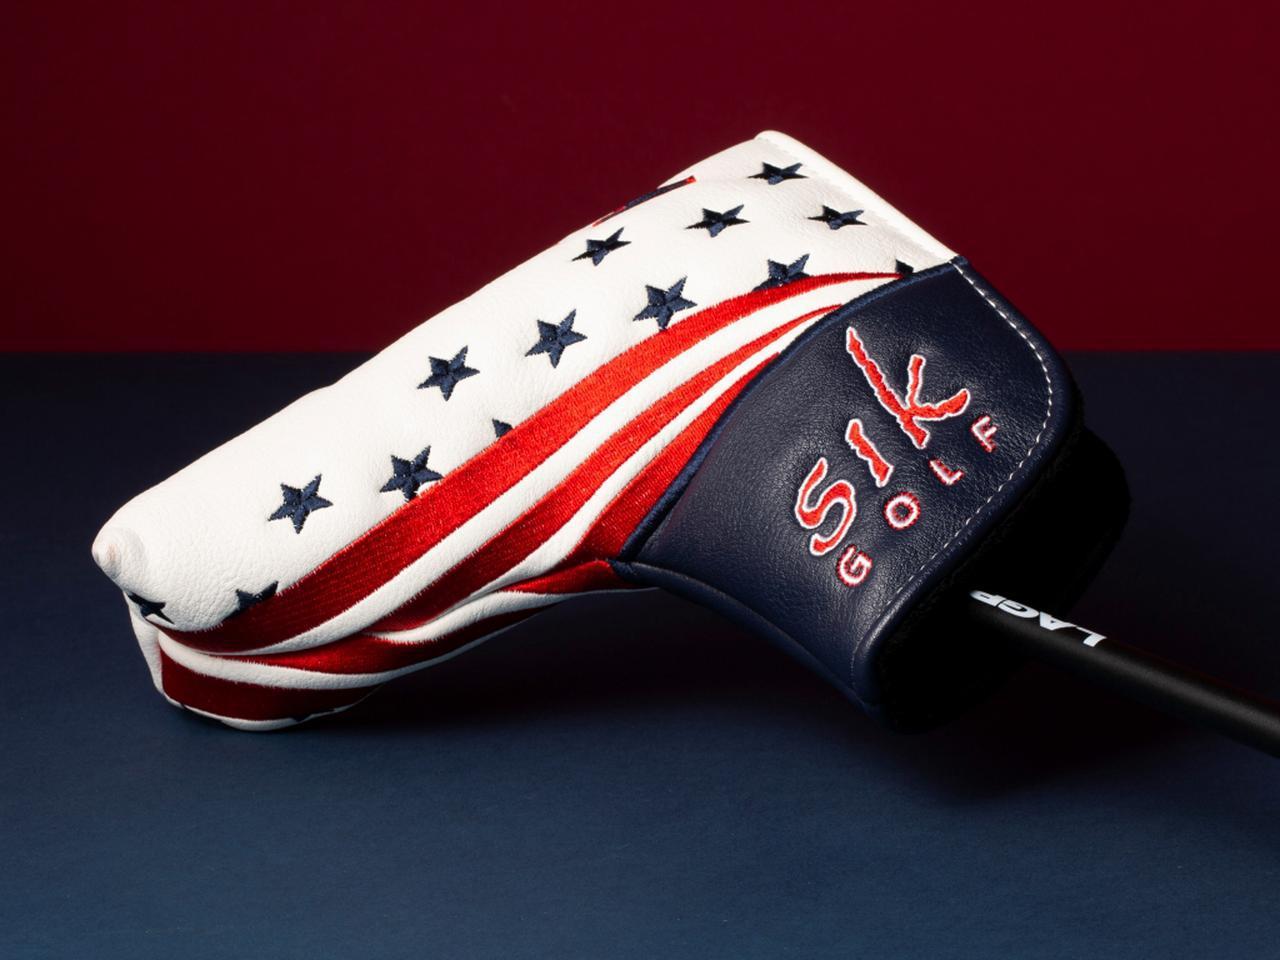 画像: アメリカ国旗をモチーフにしたオリジナルヘッドカバー